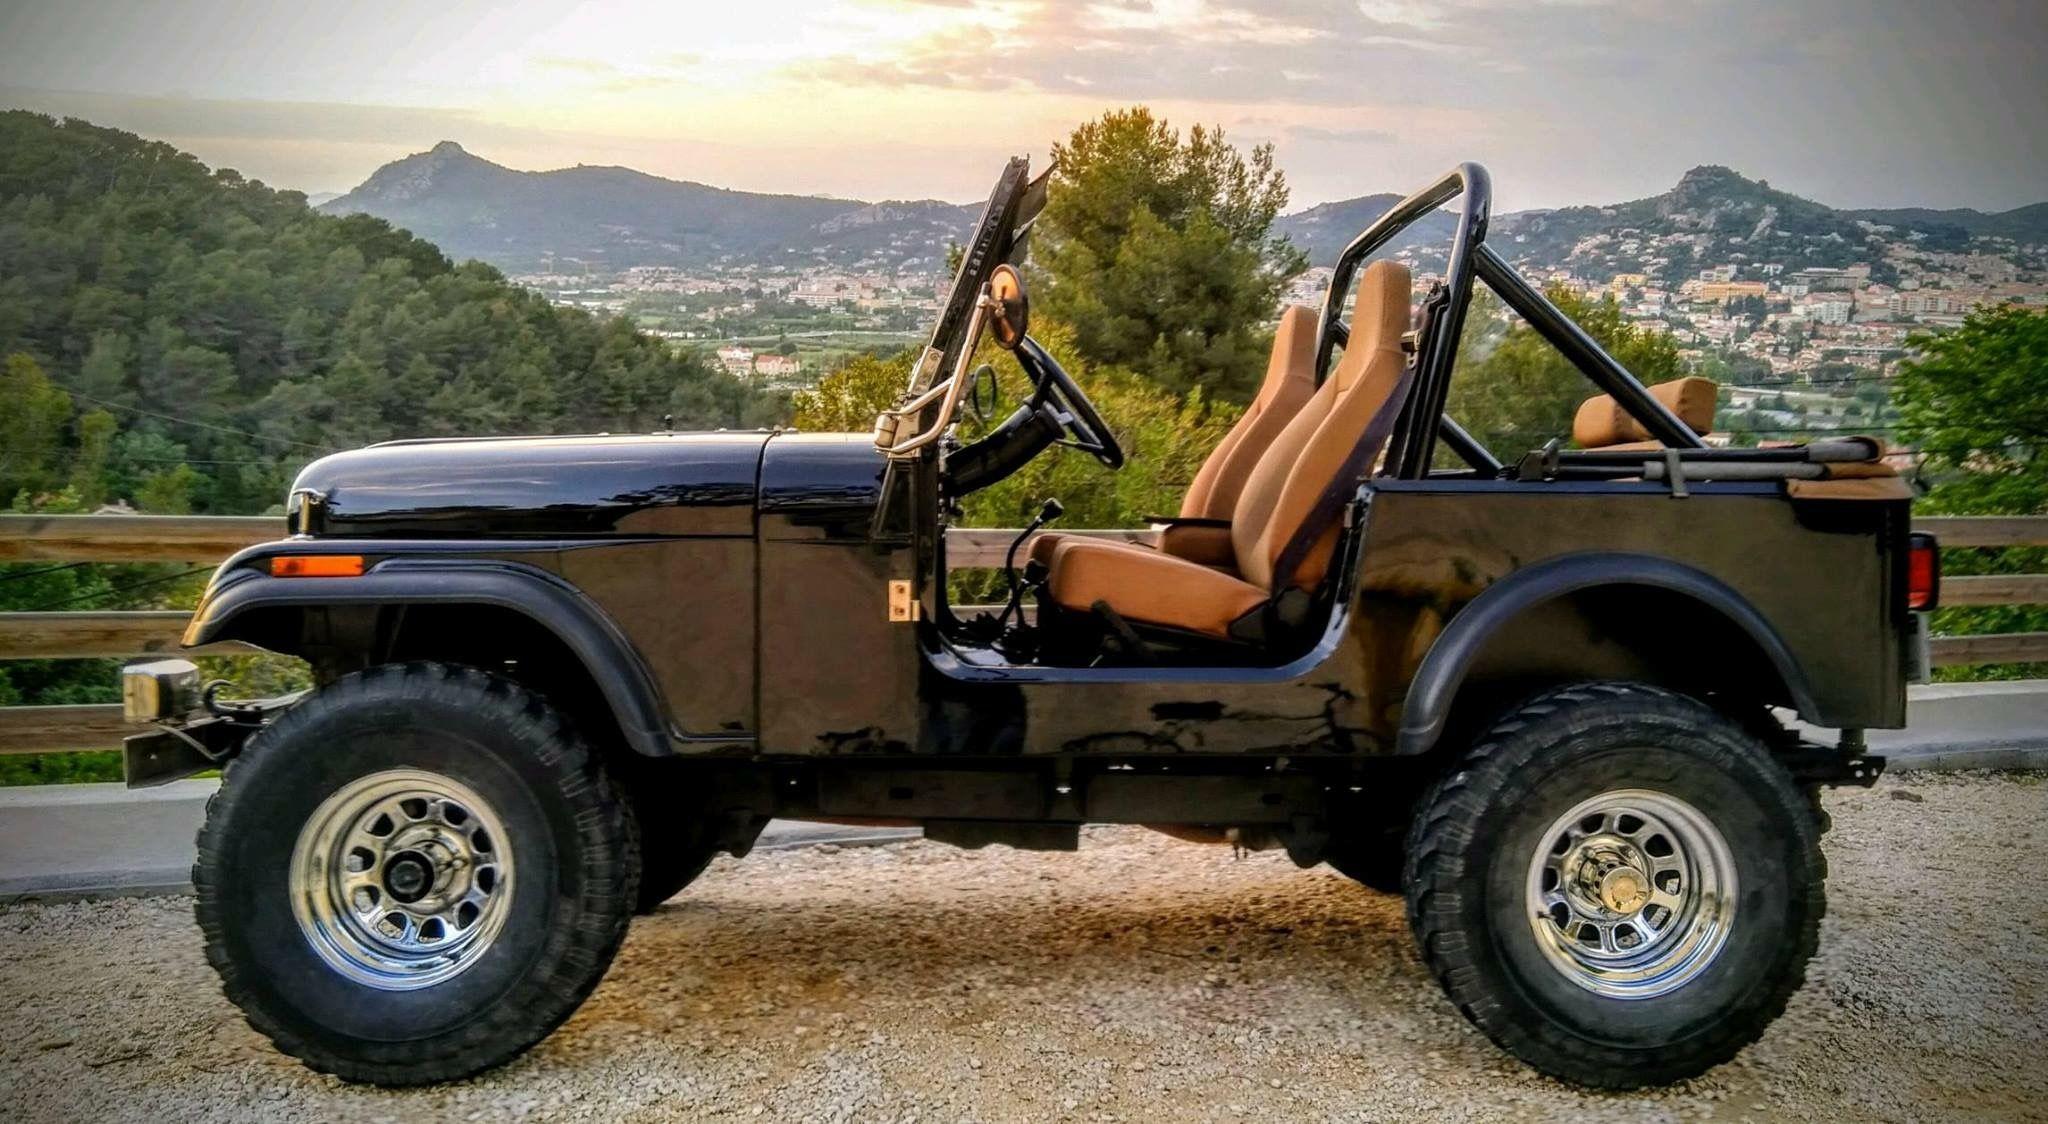 Wrangler Cj Jeep Yj Jeep Cj7 Jeep